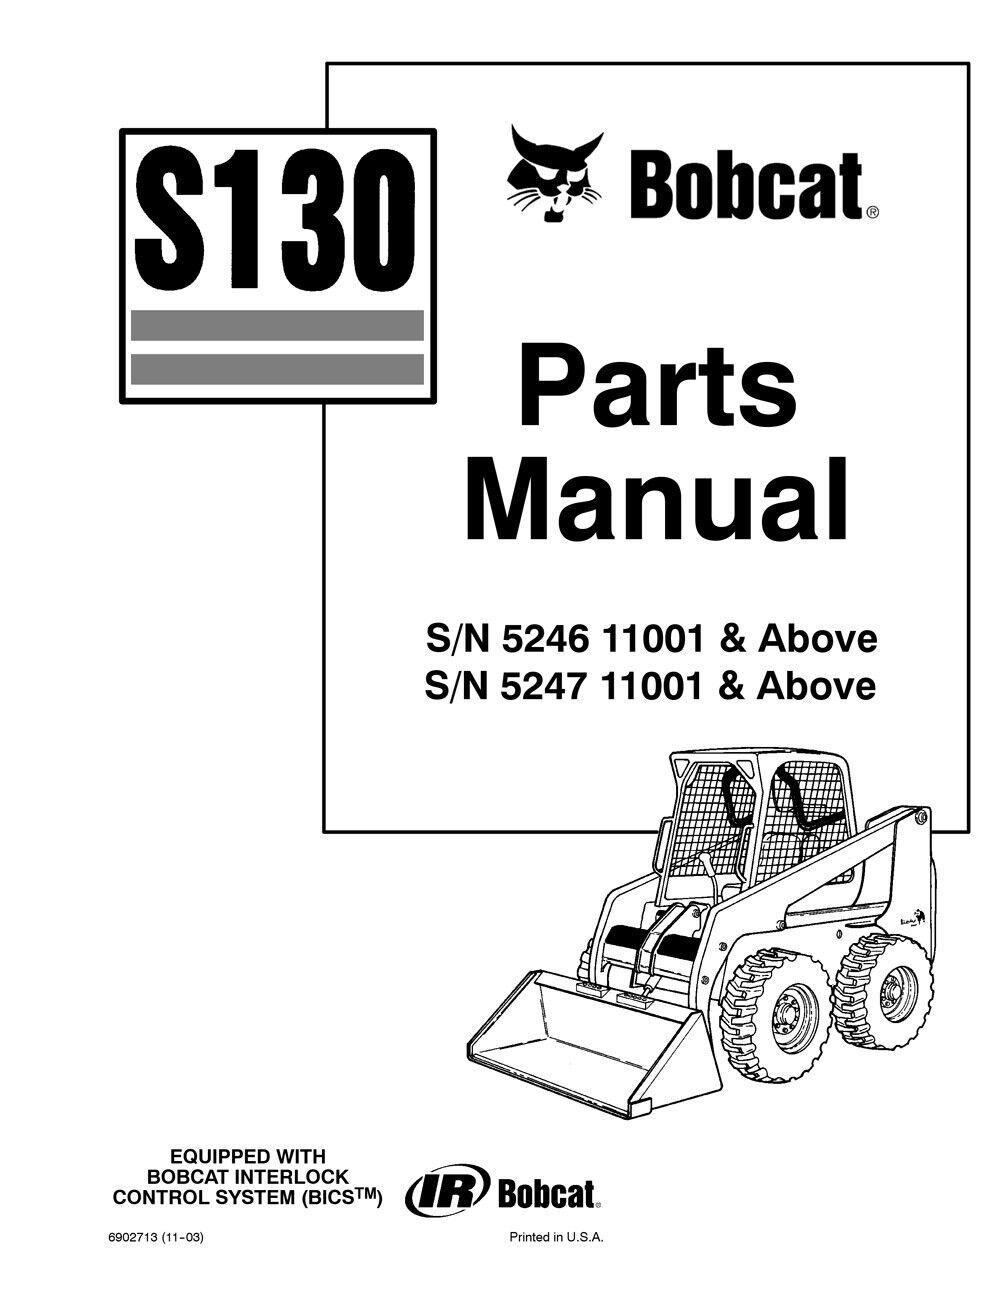 Bobcat 15c Auger Parts Diagram